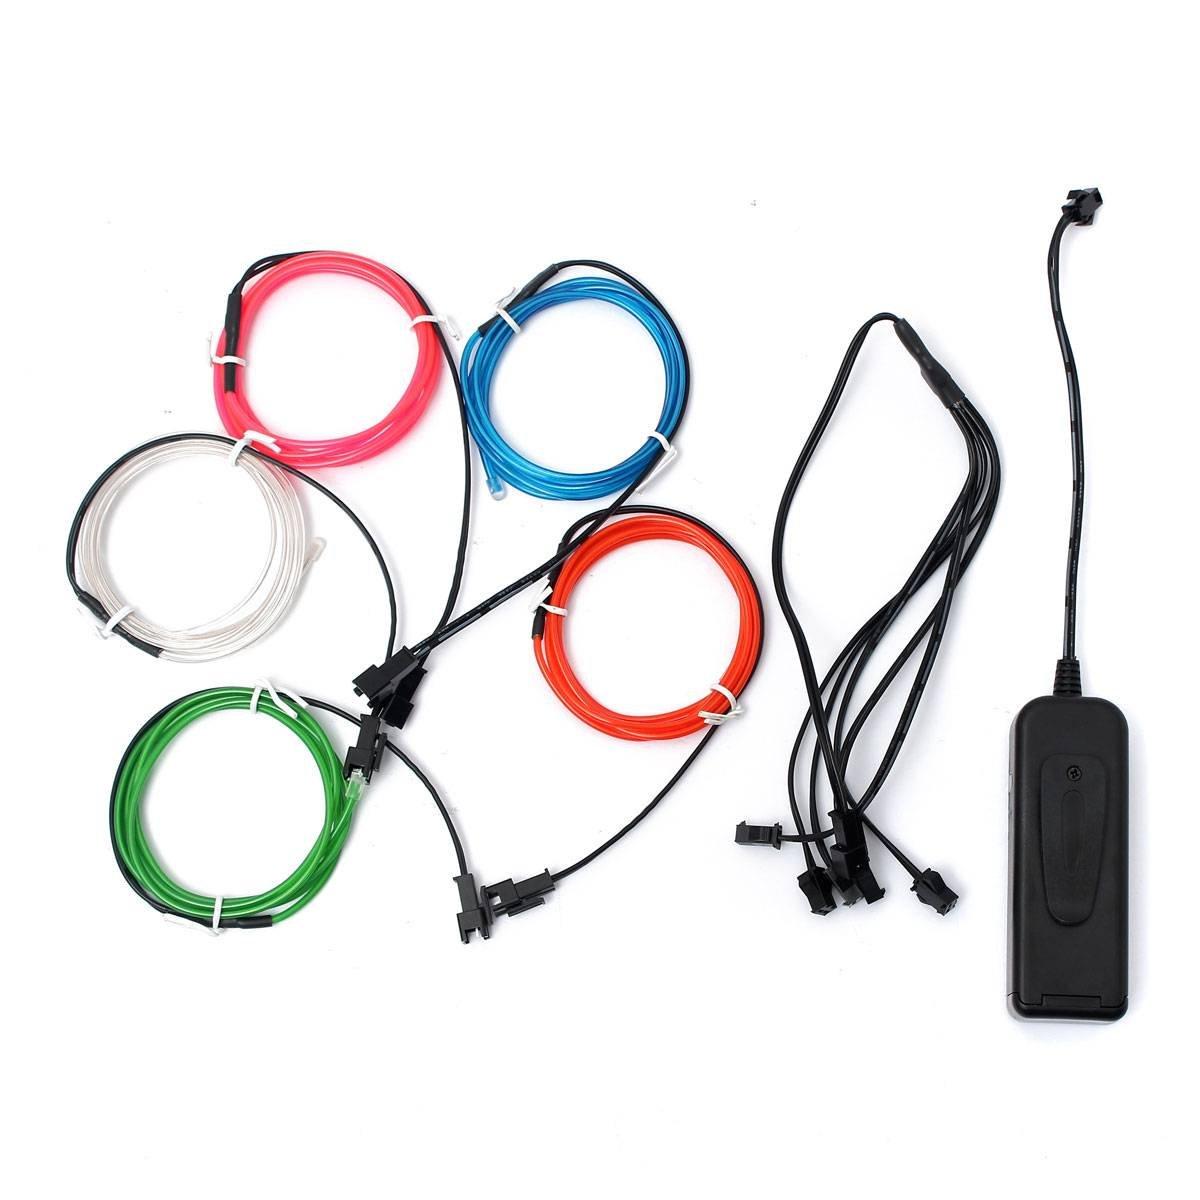 Amazon.com: EL Wire, AUDEW 5 X 1 Metre Five Colors EL Wire Neon ...